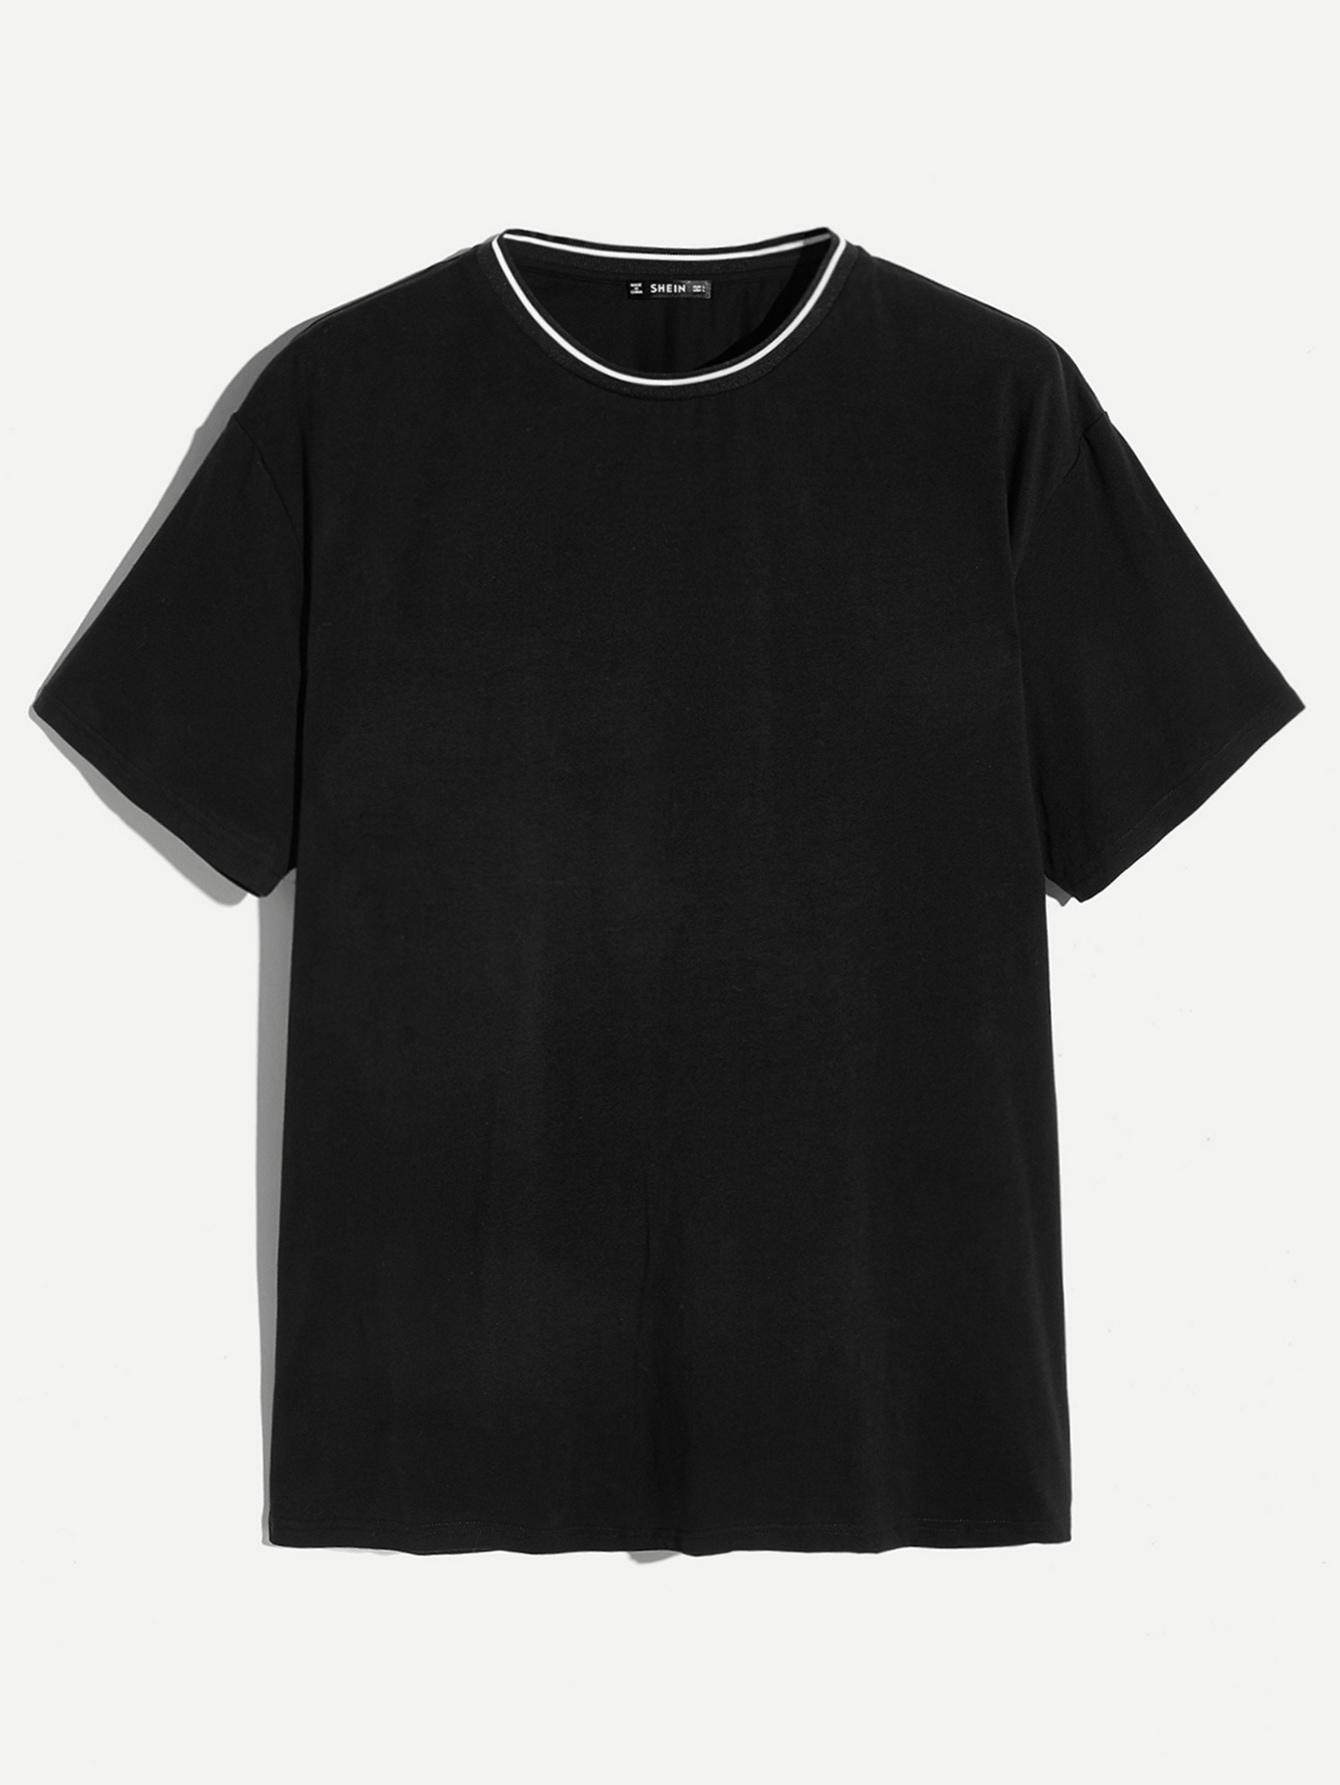 Купить Мужская однотонная футболка с контрастной отделкой, null, SheIn